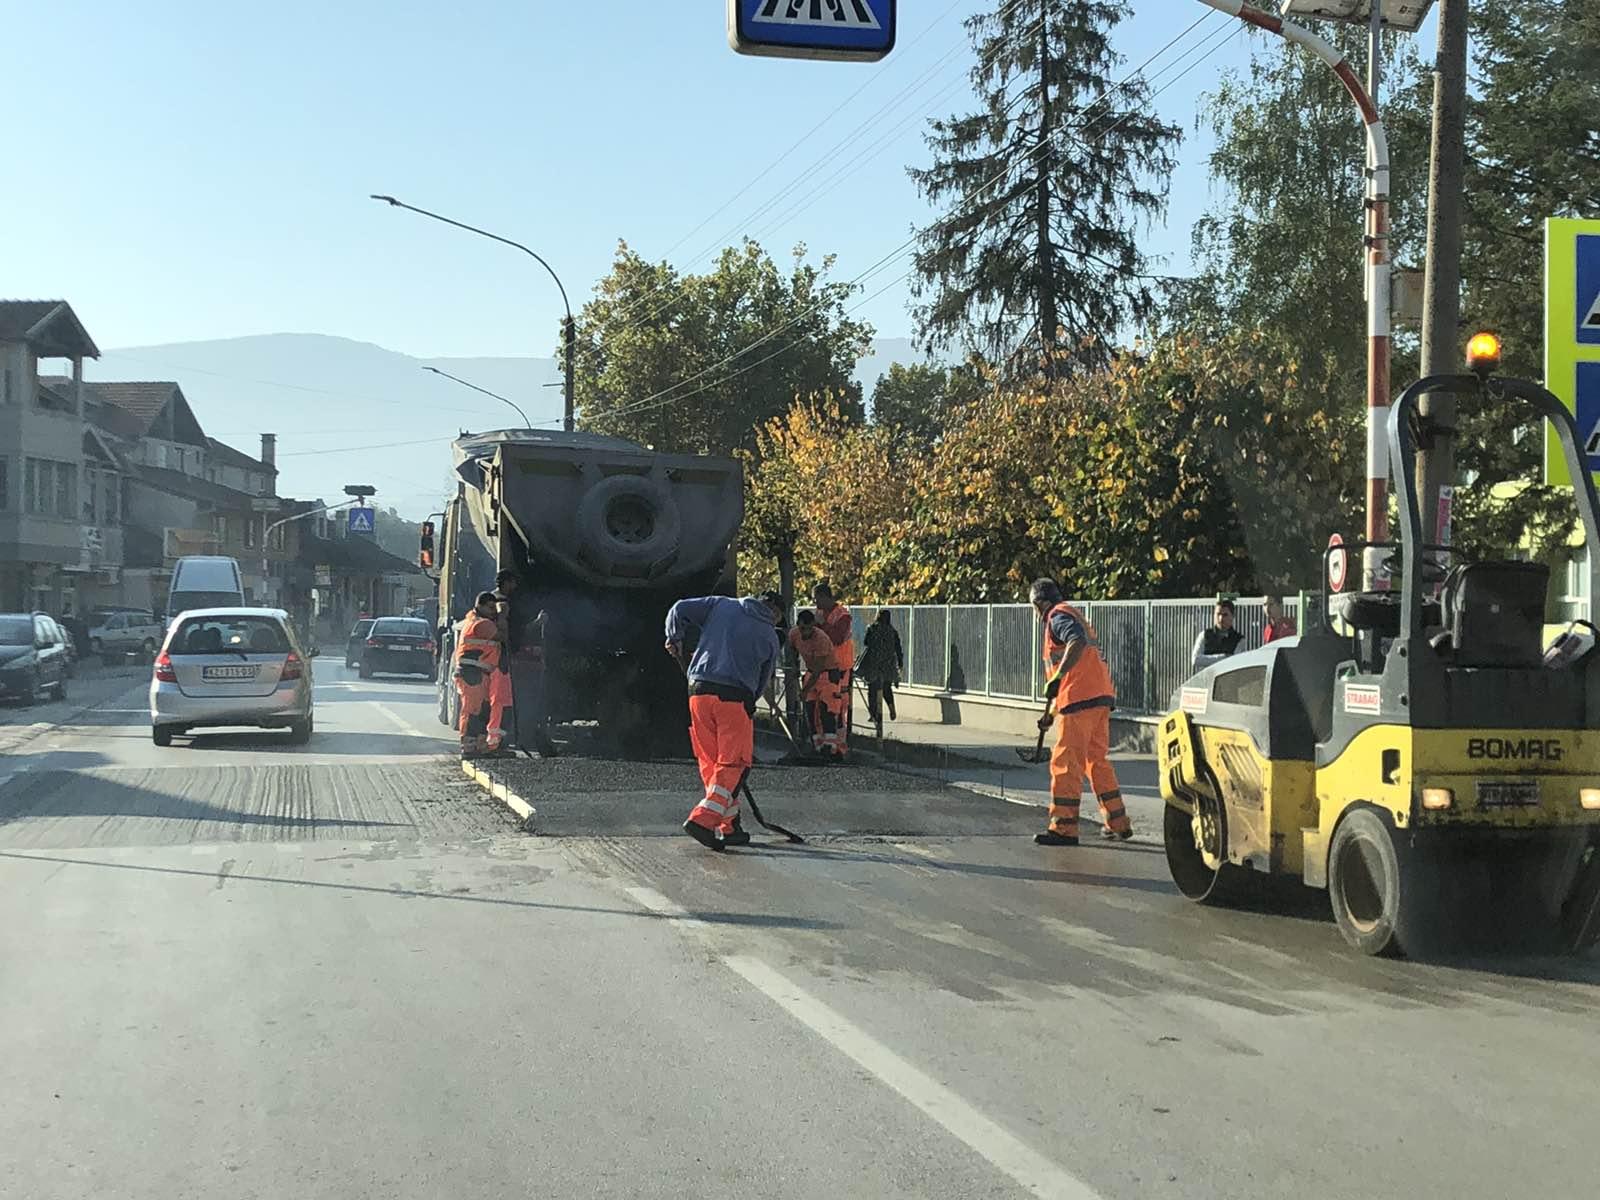 Ležeći policajci, postavljanje, foto: D. Miladinović